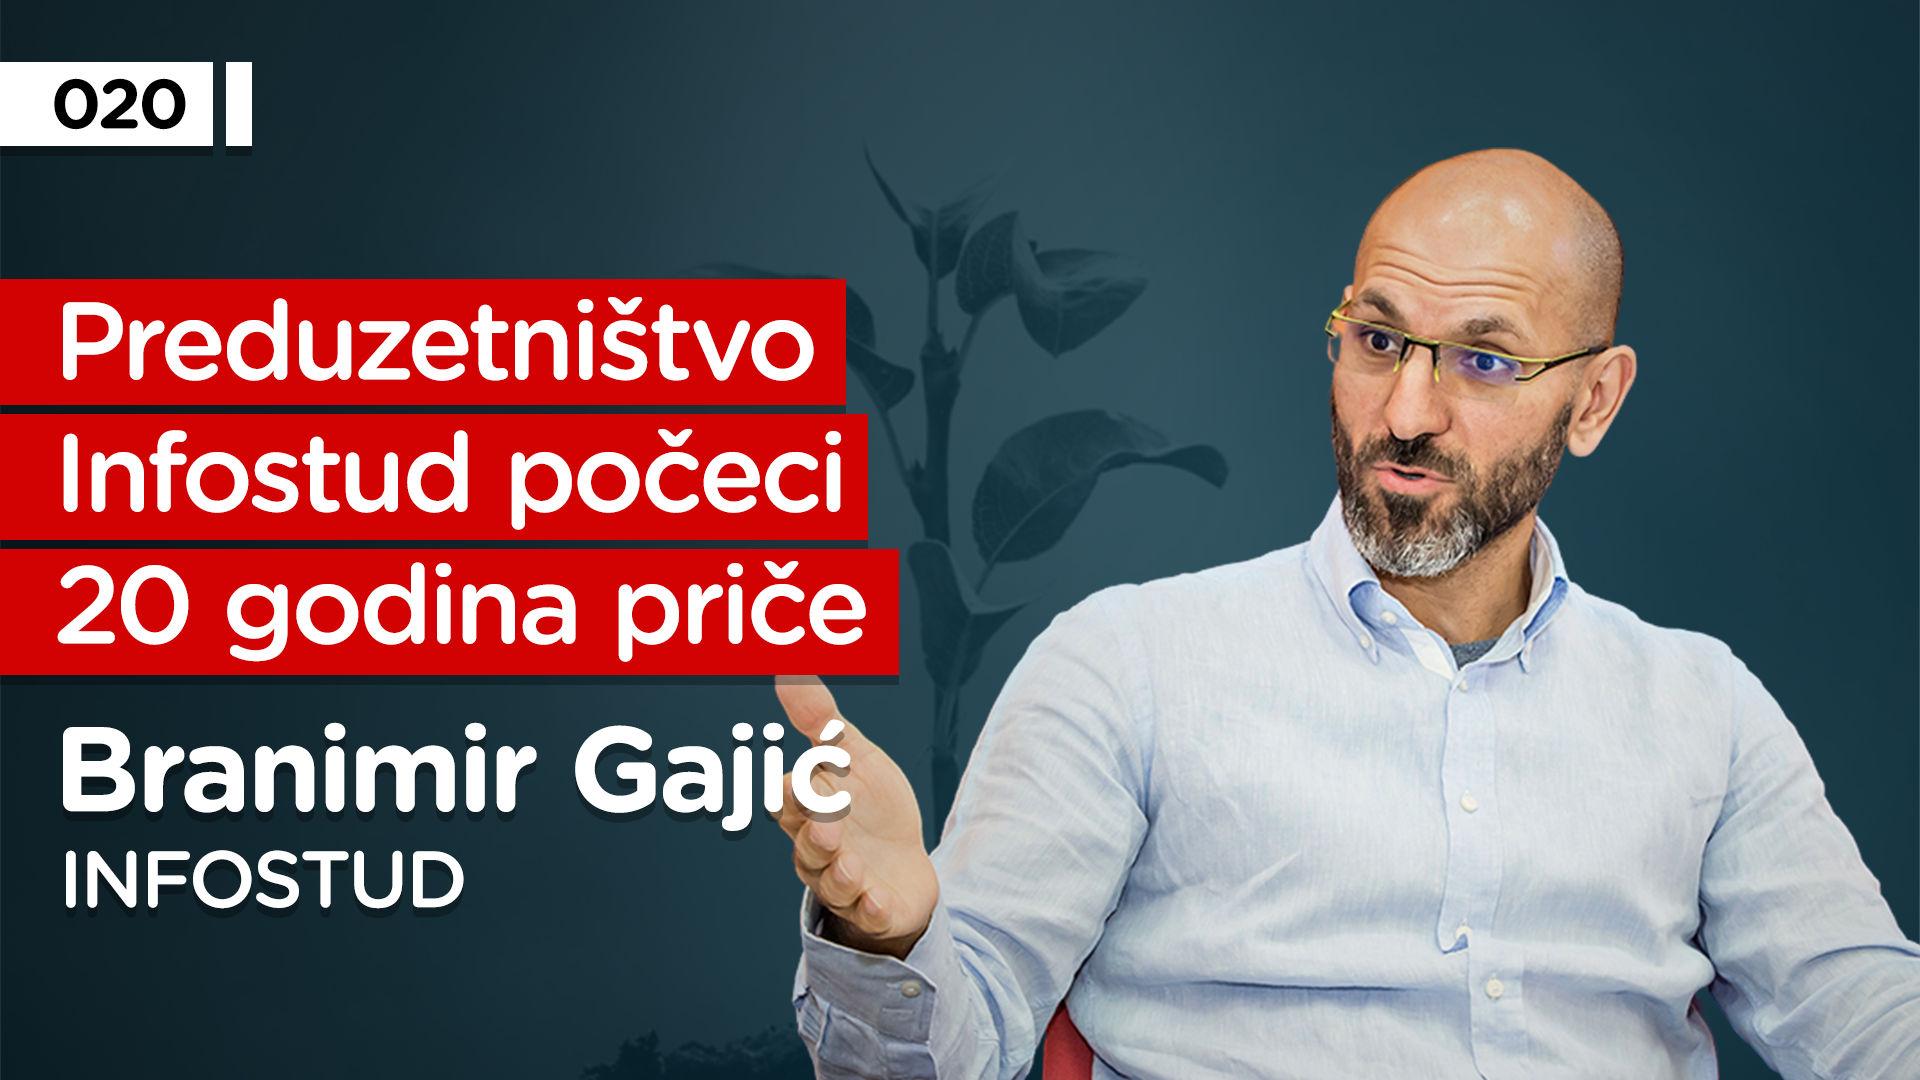 EP020: Branimir Gajić